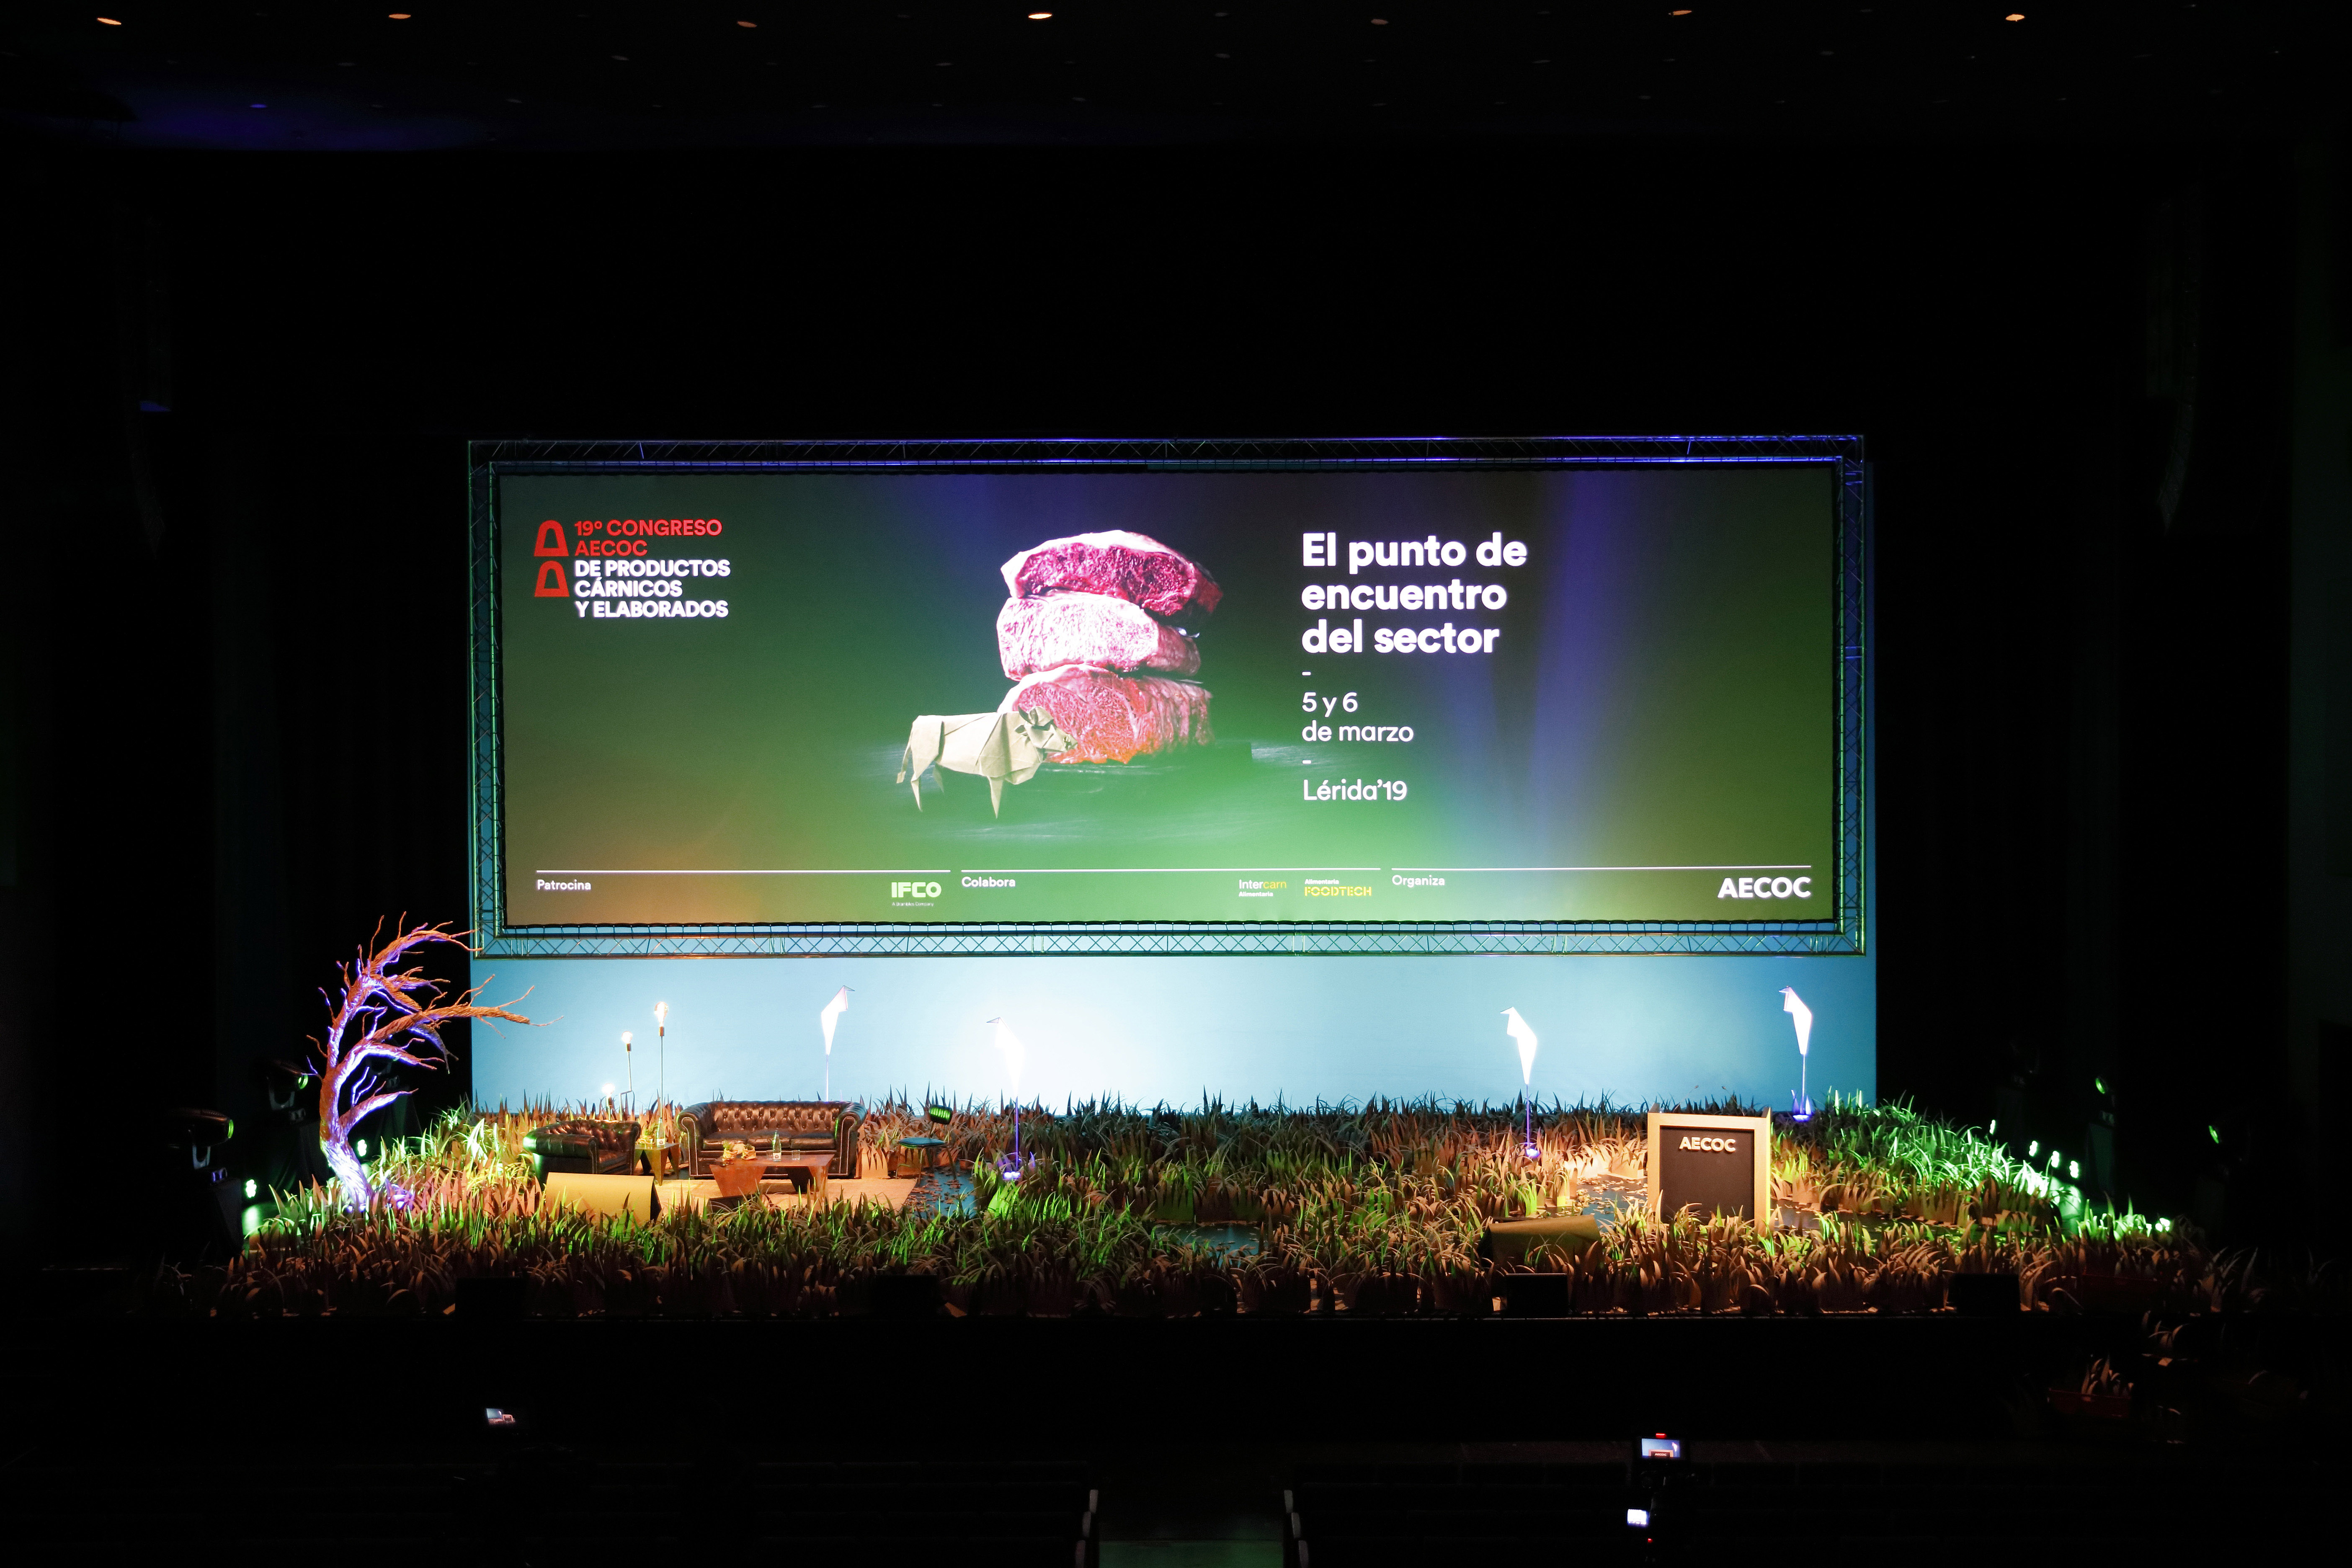 19º Congreso AECOC De Productos Cárnicos Y Elaborados FECIC Ll